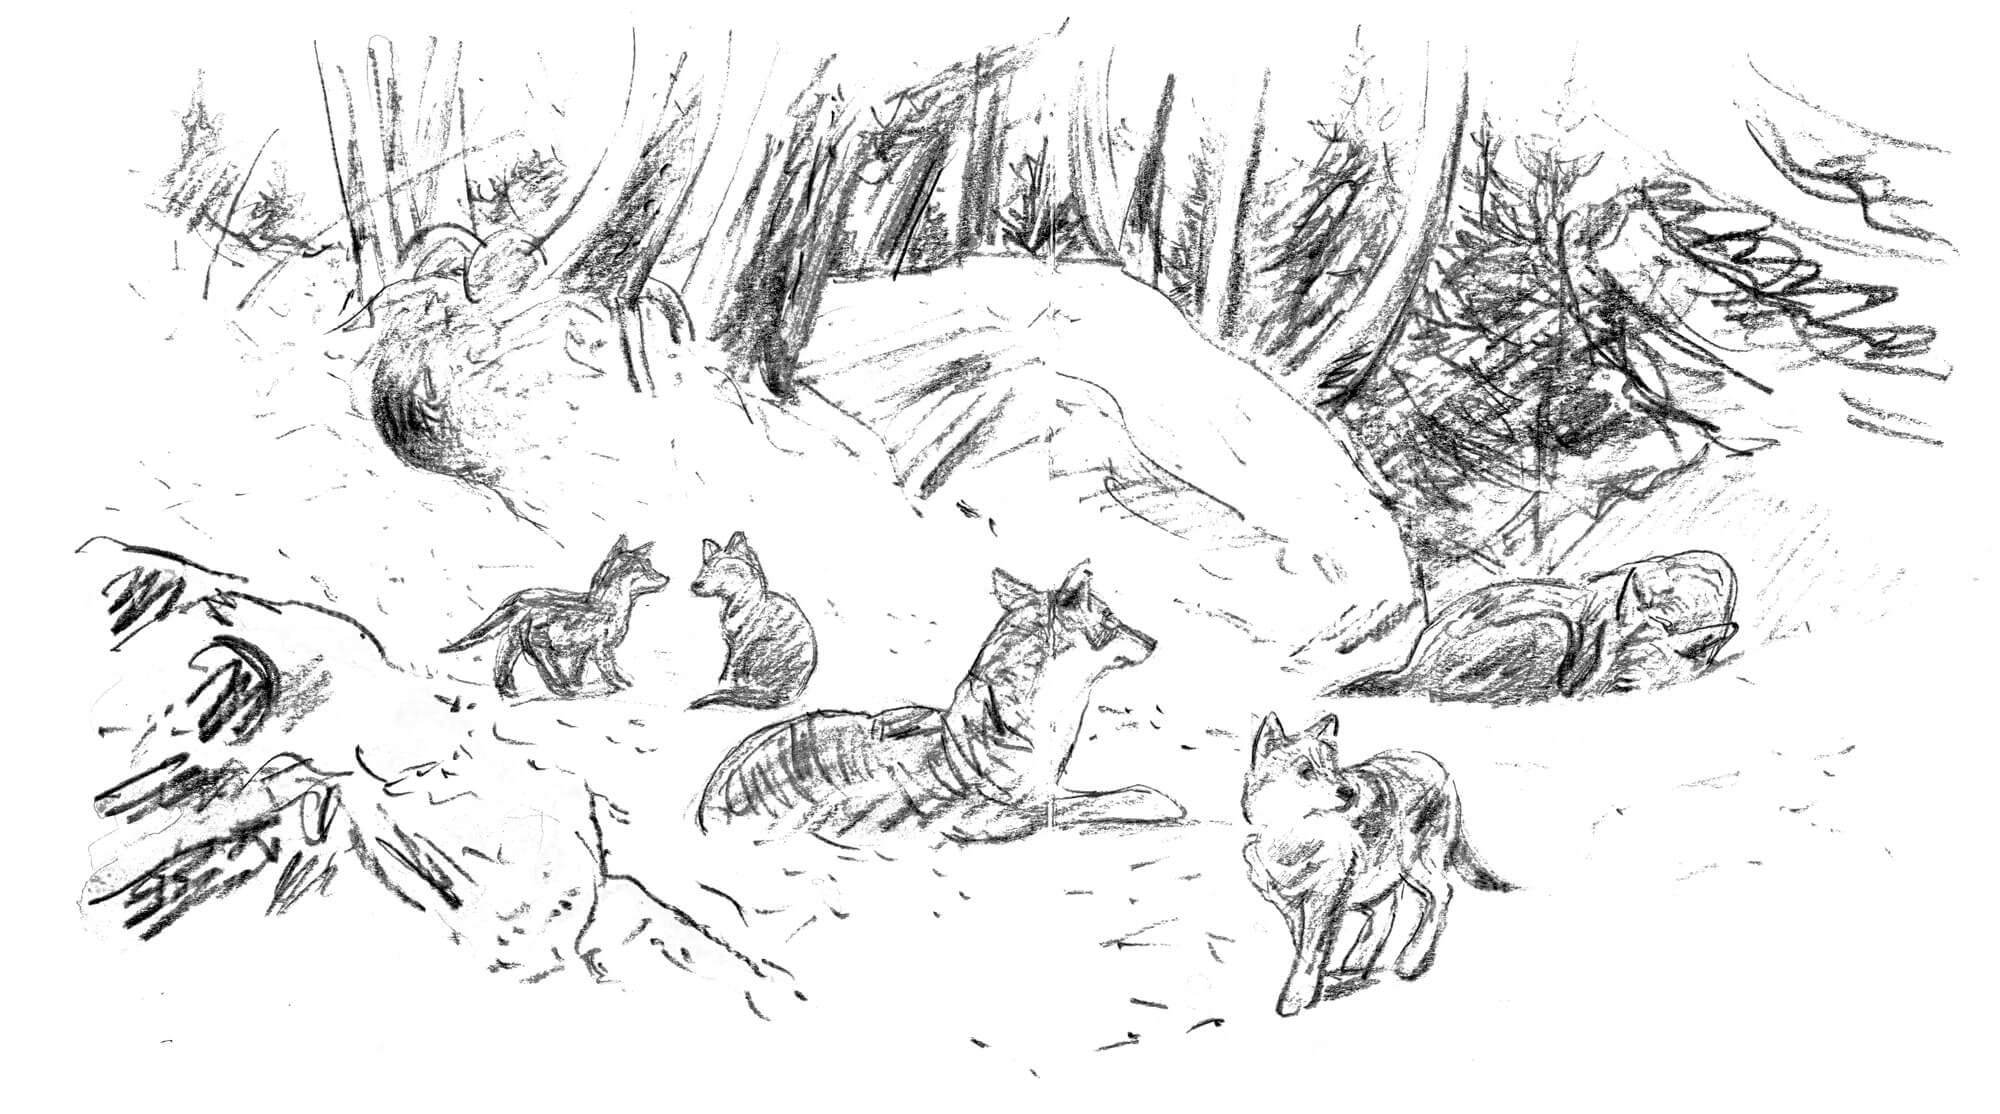 Quand un loup débarque en pleine ville de Paris - La Salamandre dessin Tsunehiko Kuwabara loup louveteaux